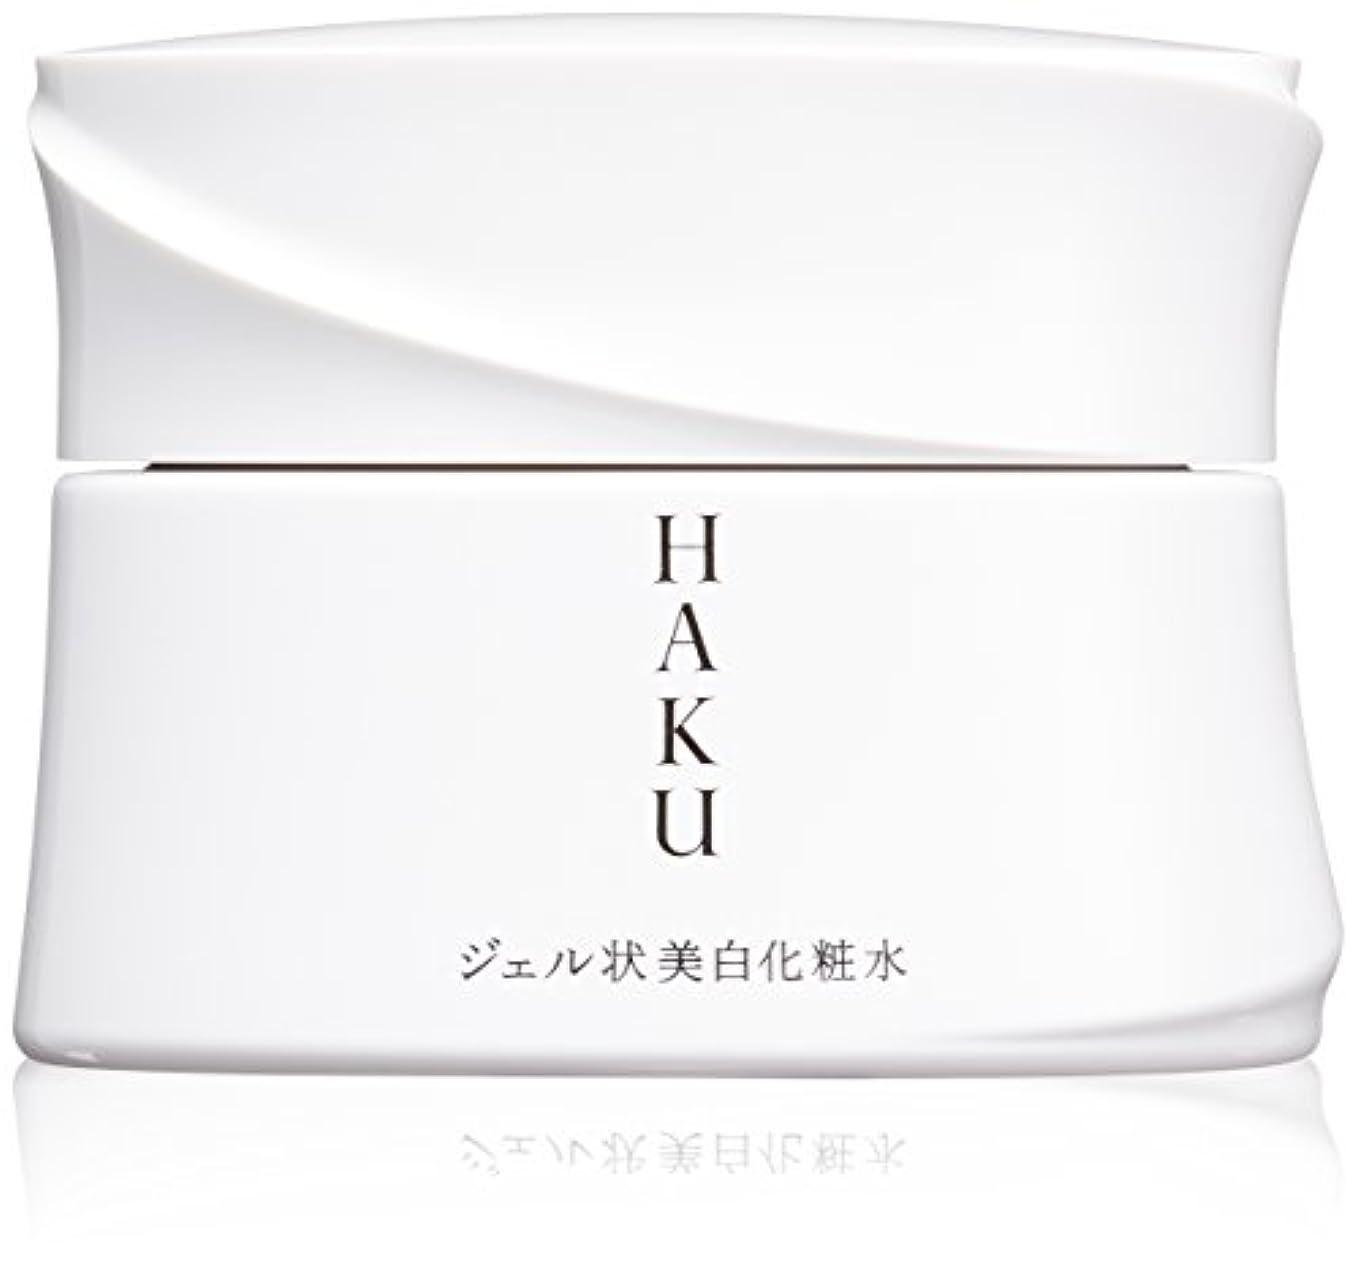 押し下げる白内障窓HAKU メラノディープモイスチャー 美白化粧水 100g 【医薬部外品】